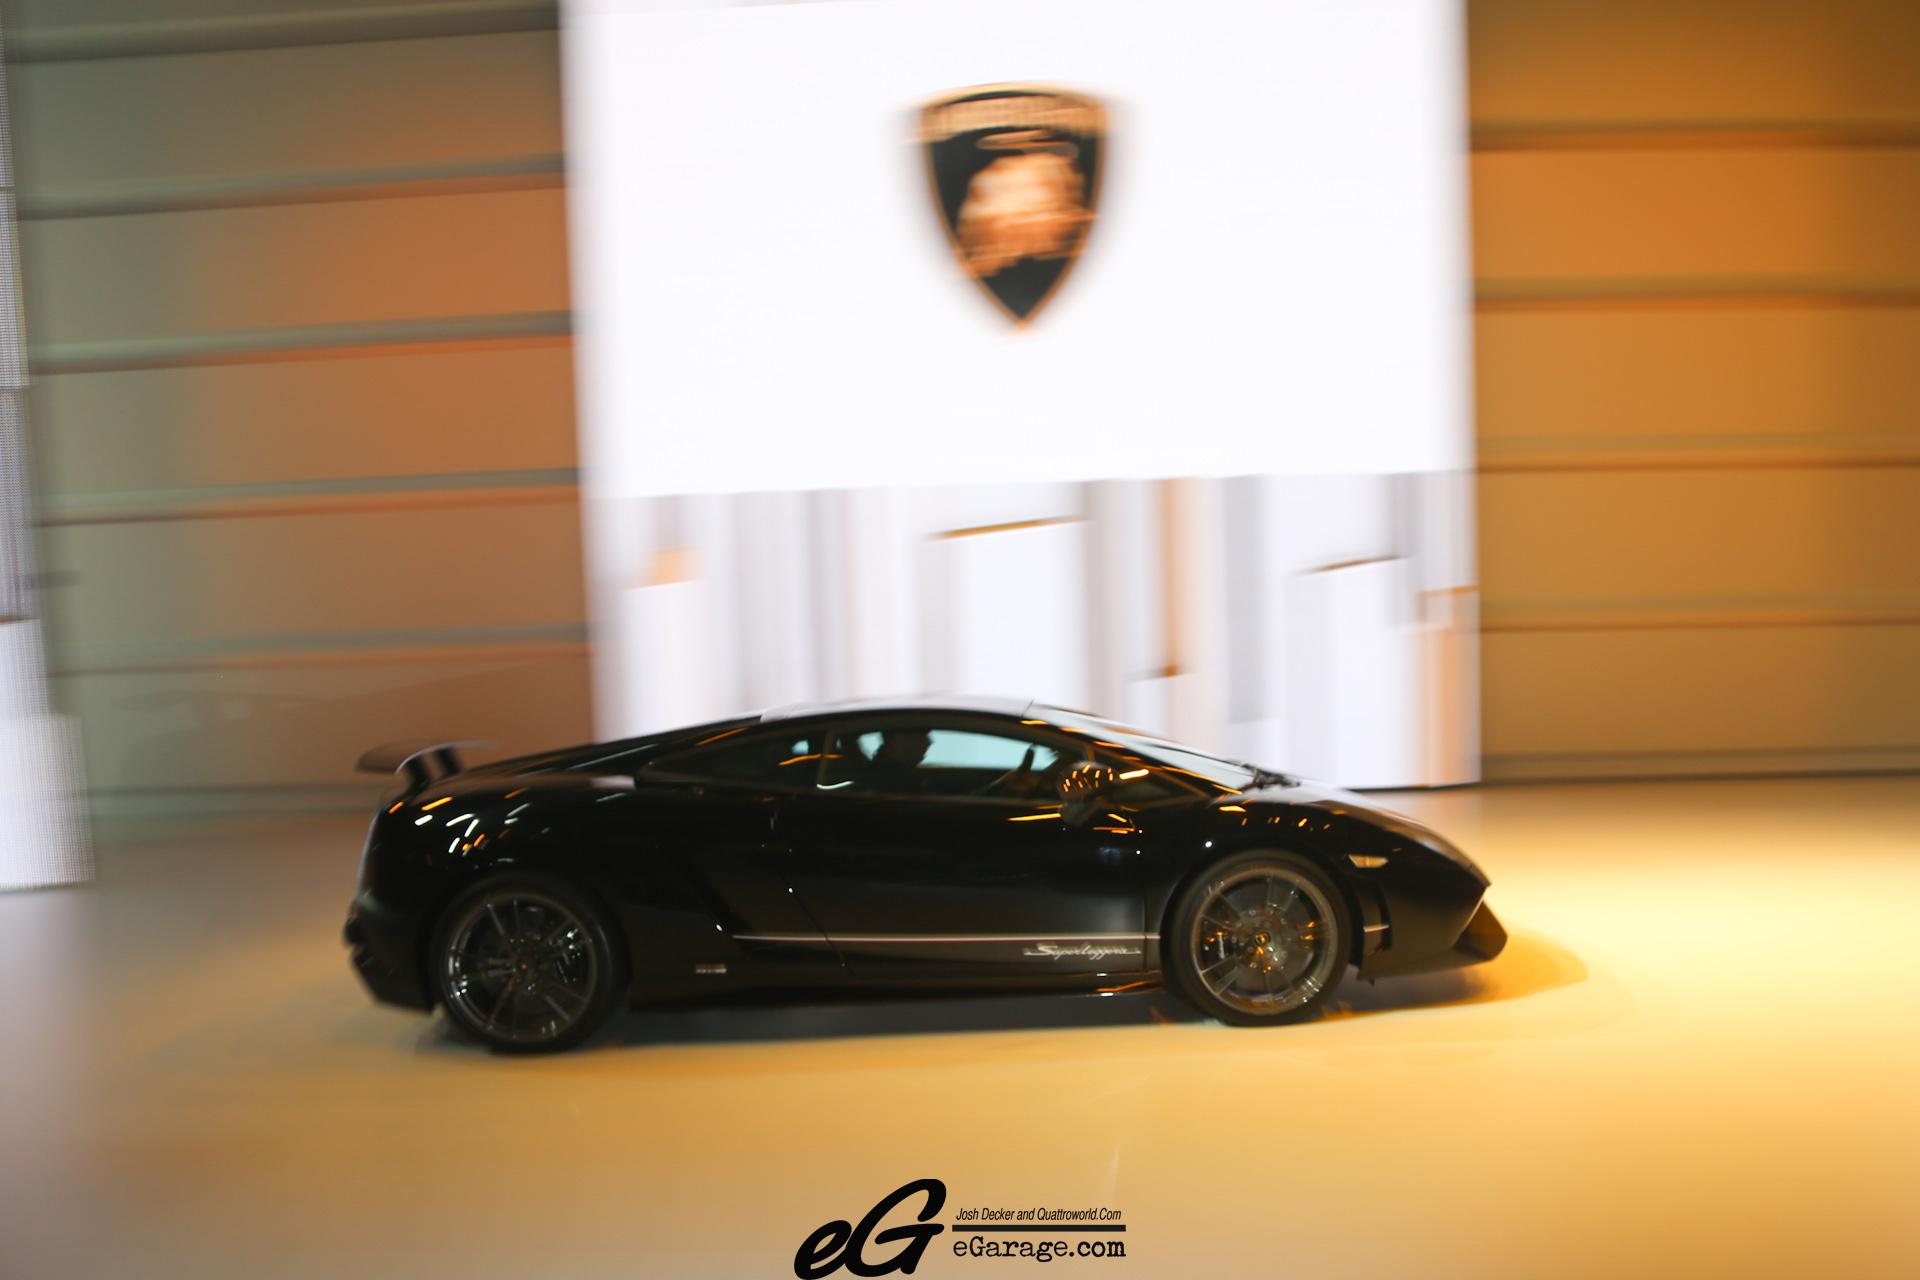 8030387903 99c74f614d o 2012 Paris Motor Show